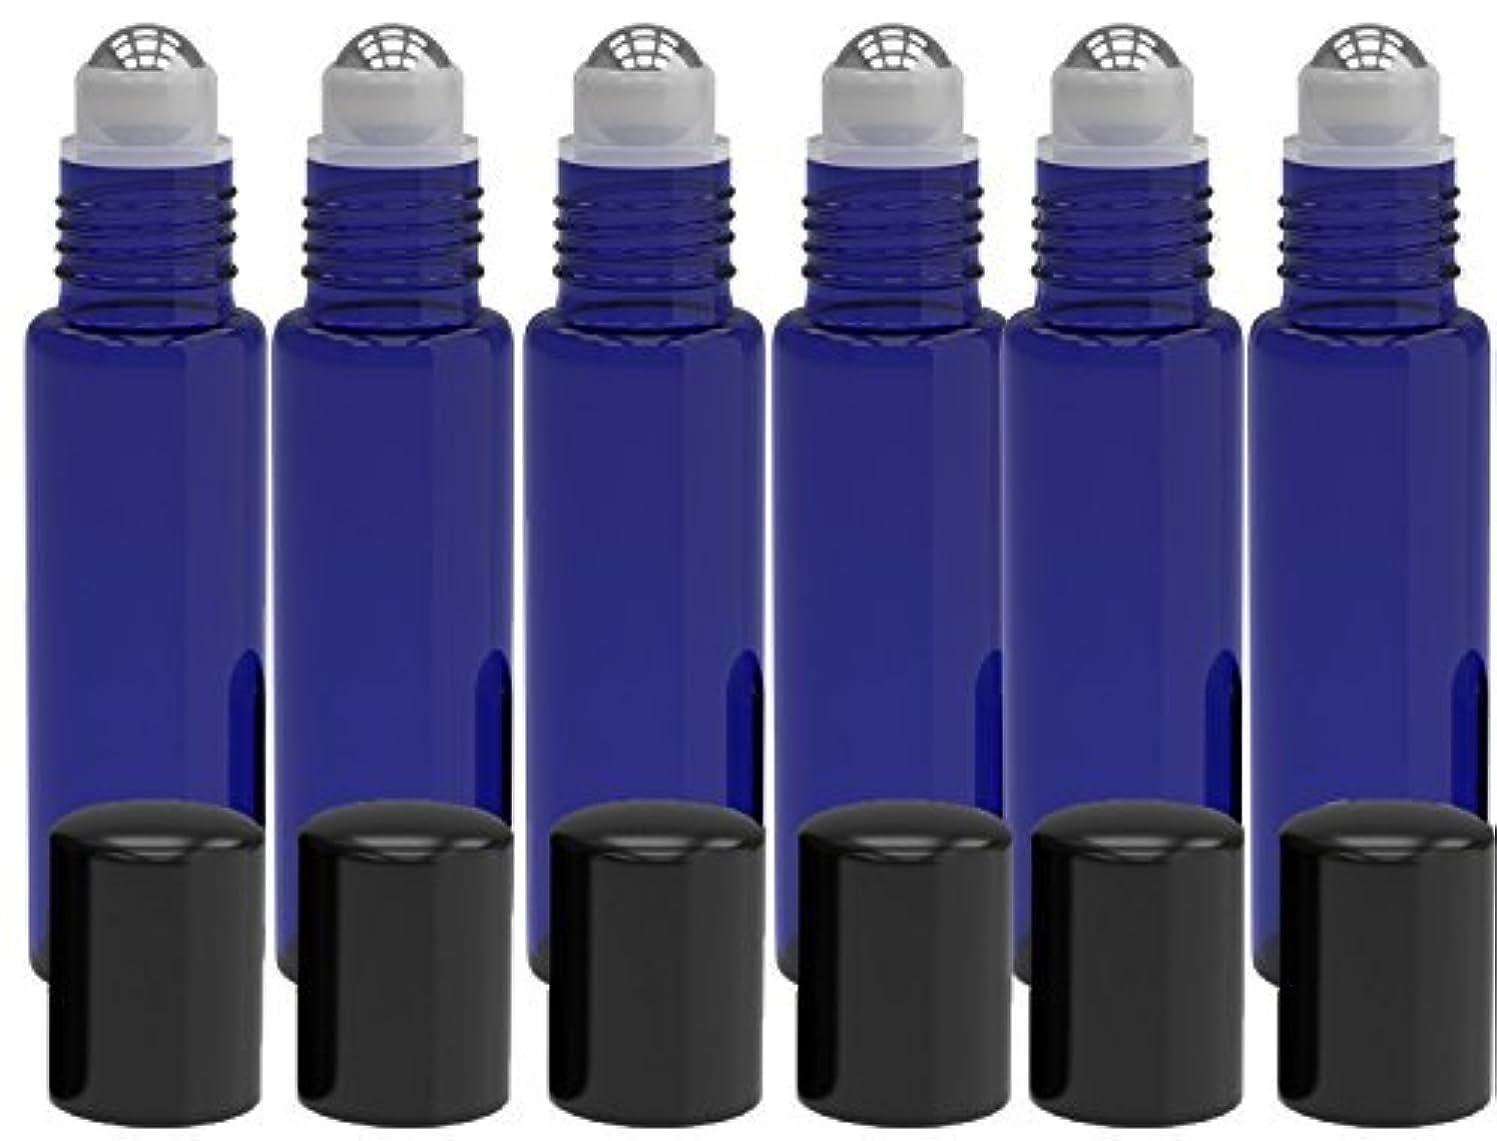 防腐剤スナップ汚染6 Pack - Empty Roll on Glass Bottles [STAINLESS STEEL ROLLER] 10ml Refillable Color Roll On for Fragrance Essential...